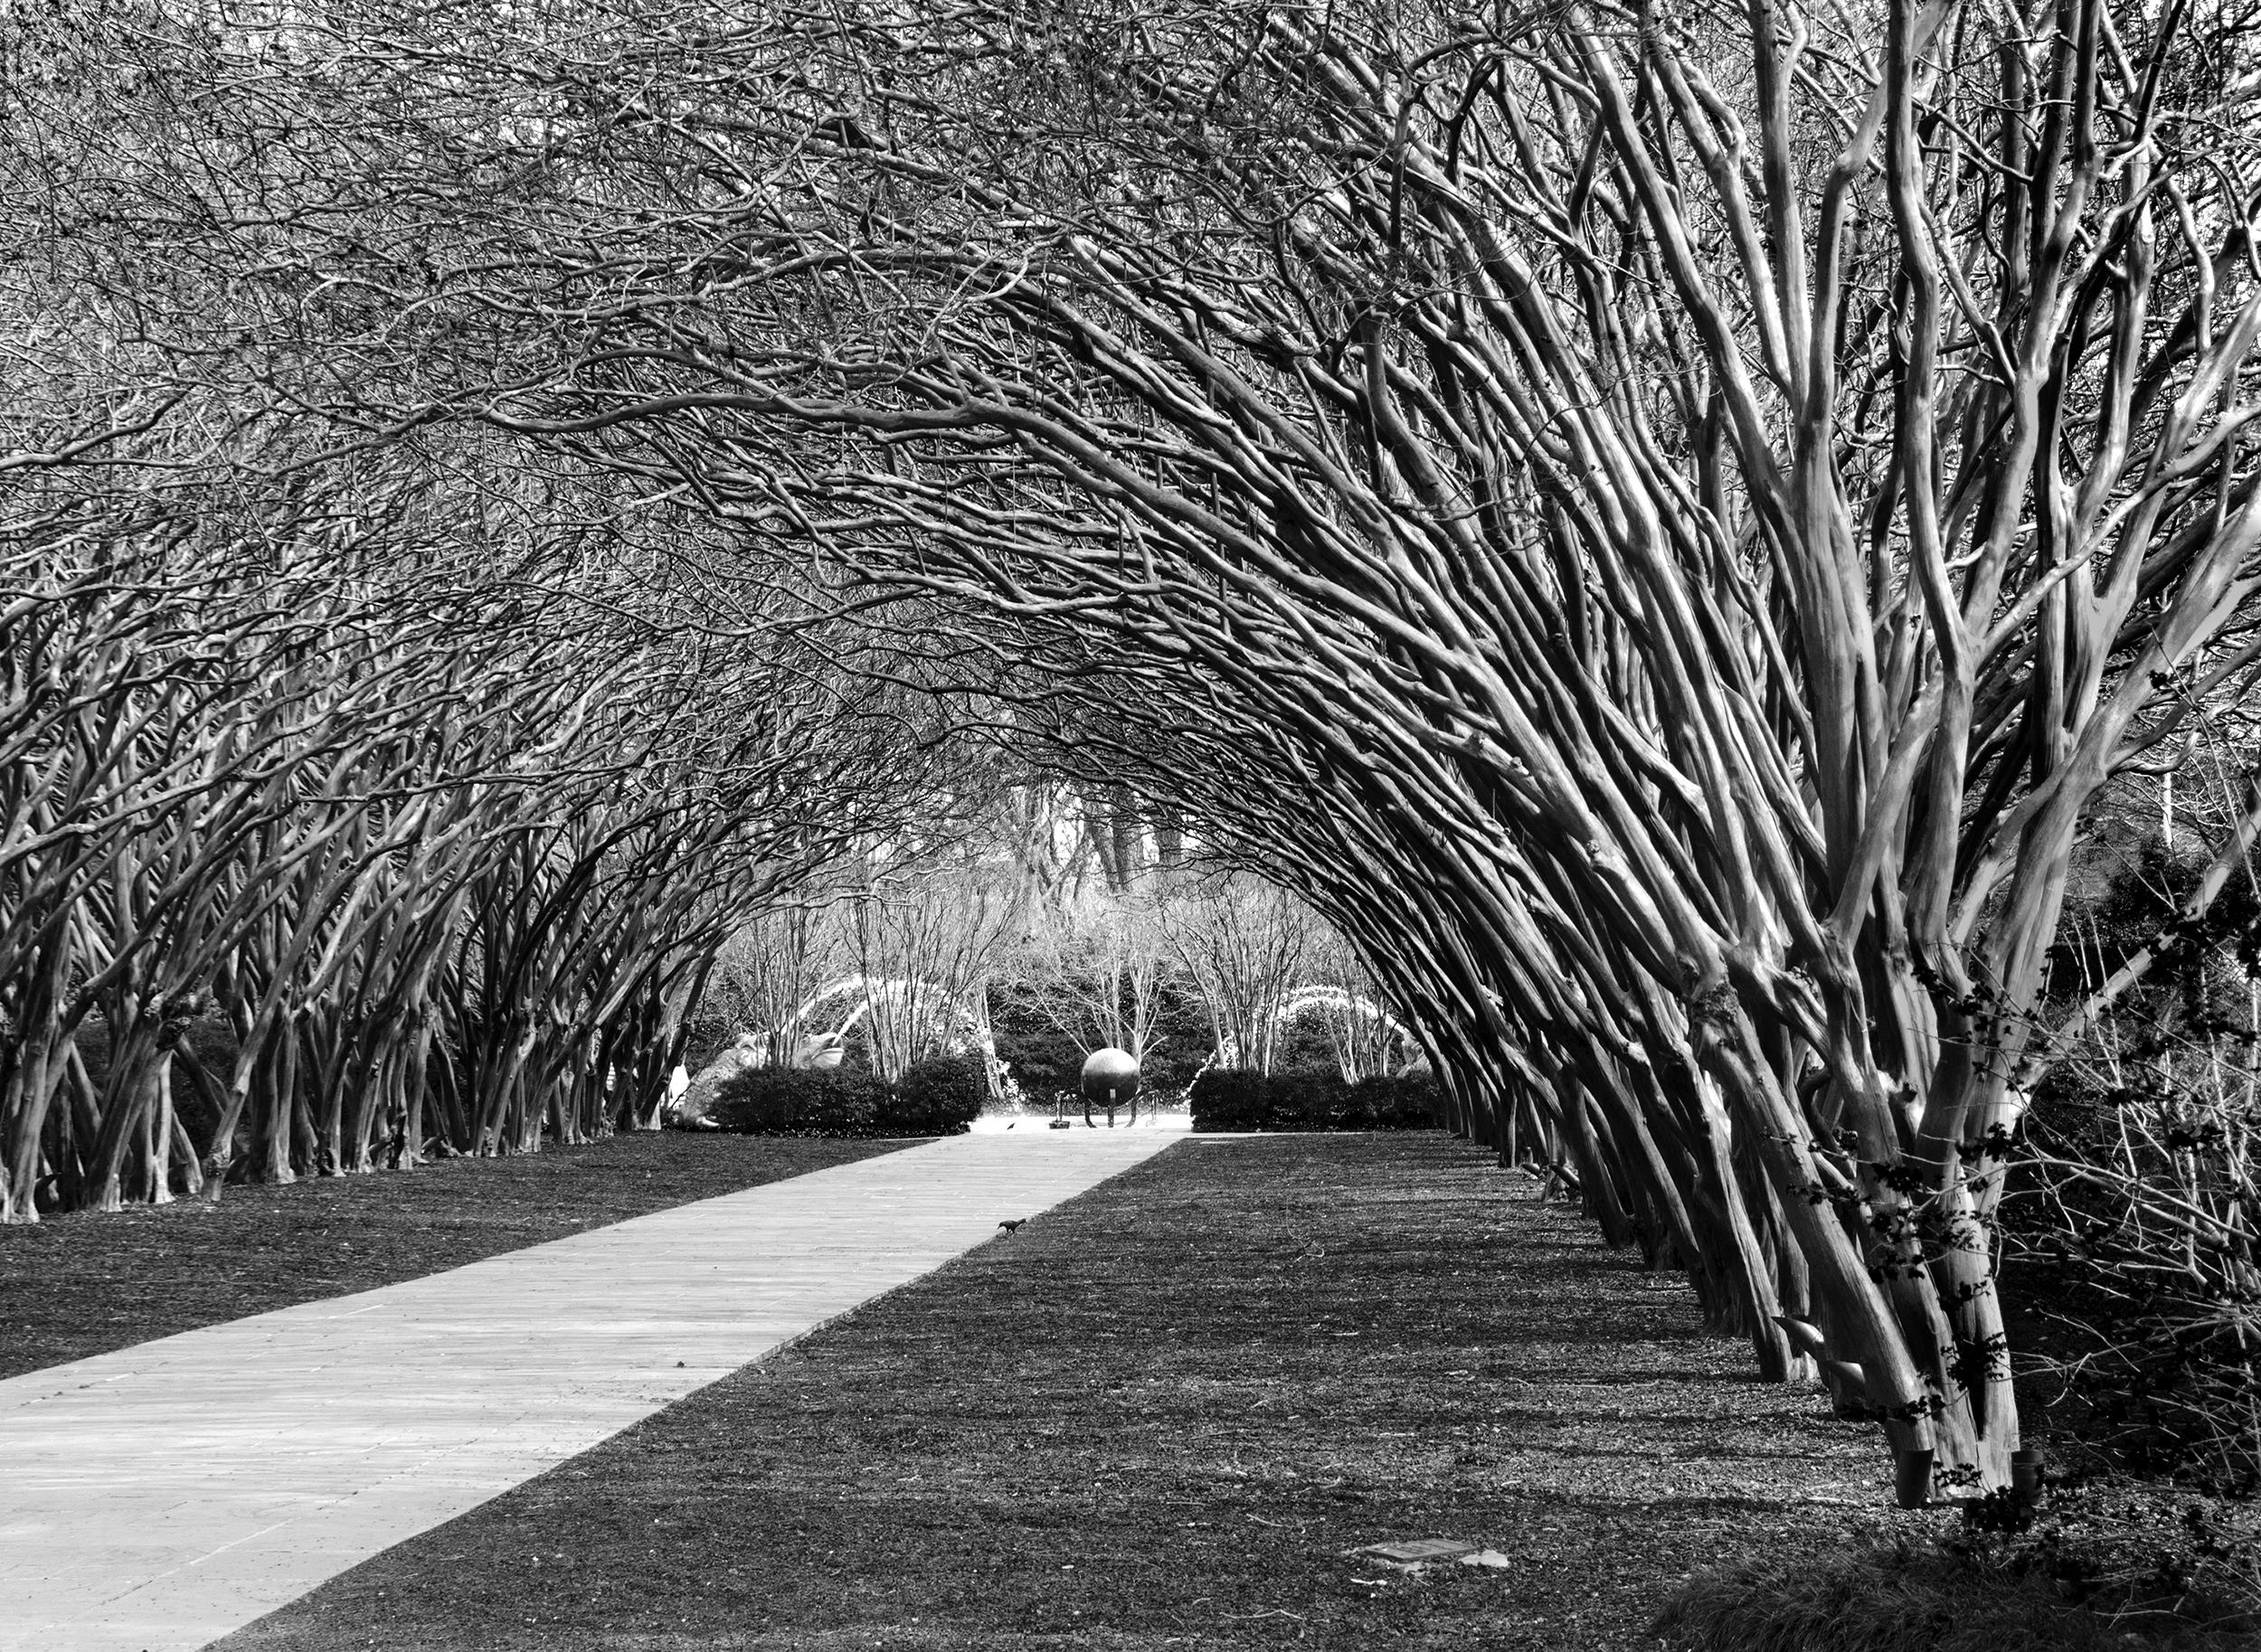 trees arboritoum.jpg